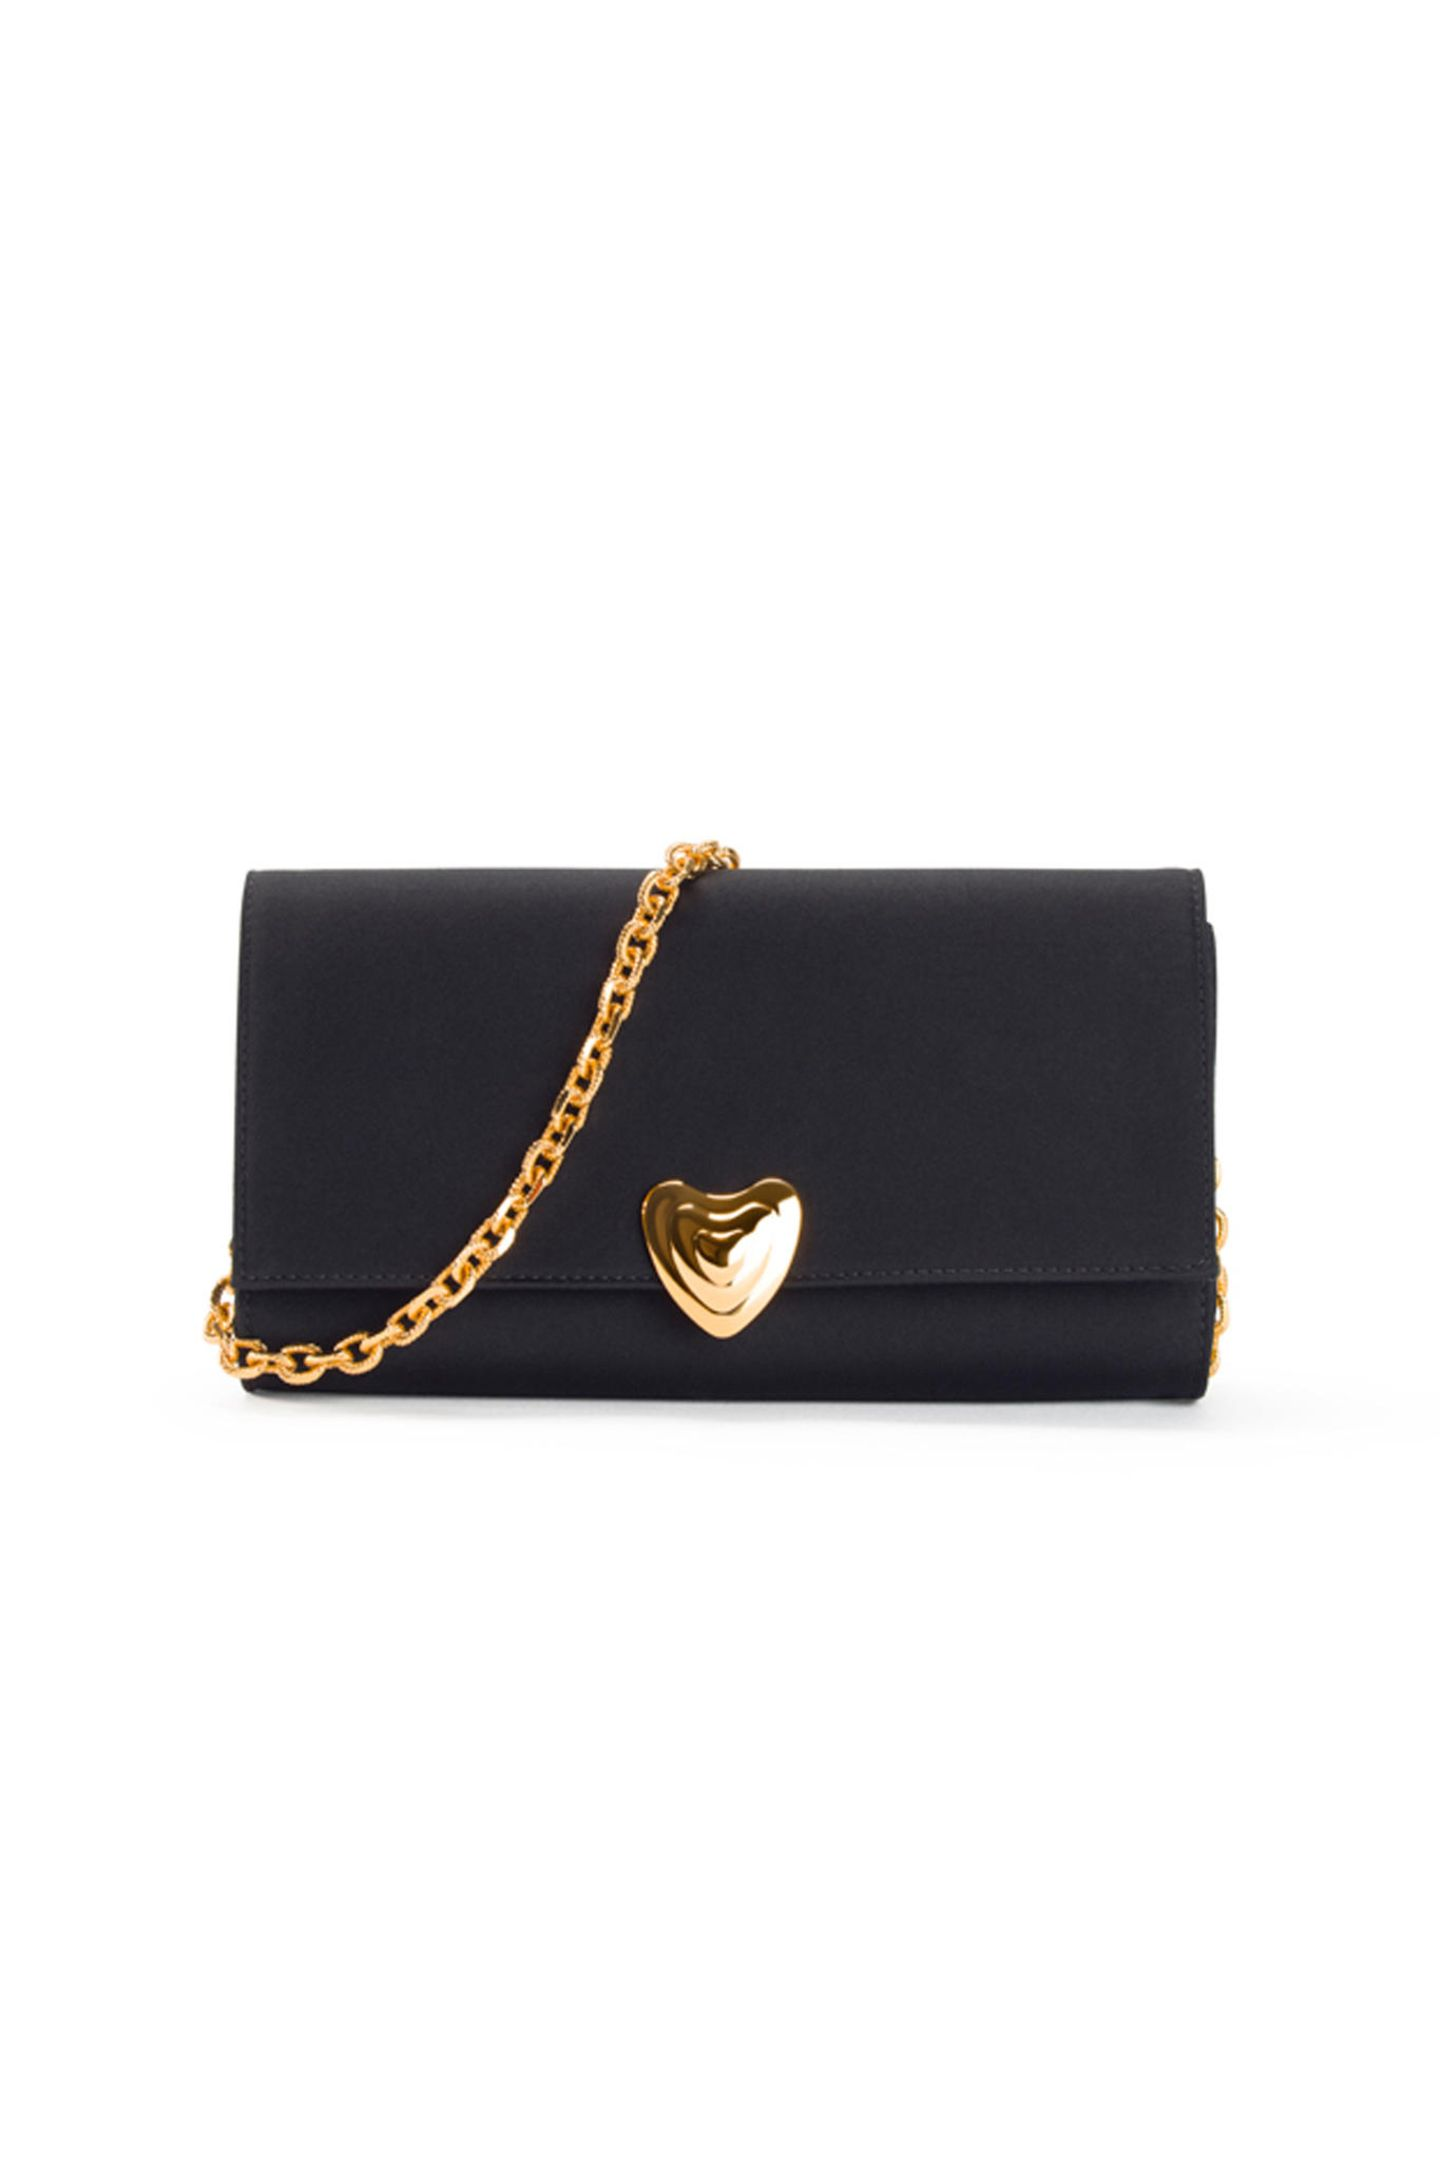 """Das """"kleine Schwarze"""" gilt als Inbegriff für Stil und Eleganz - das beweist auch diese Tasche. Dank der goldenen Herzschnalle und dem goldenen Kettchen wird sie zum absoluten Hingucker und rundet jeden Date-Look ab! Von Escada, 499 Euro"""